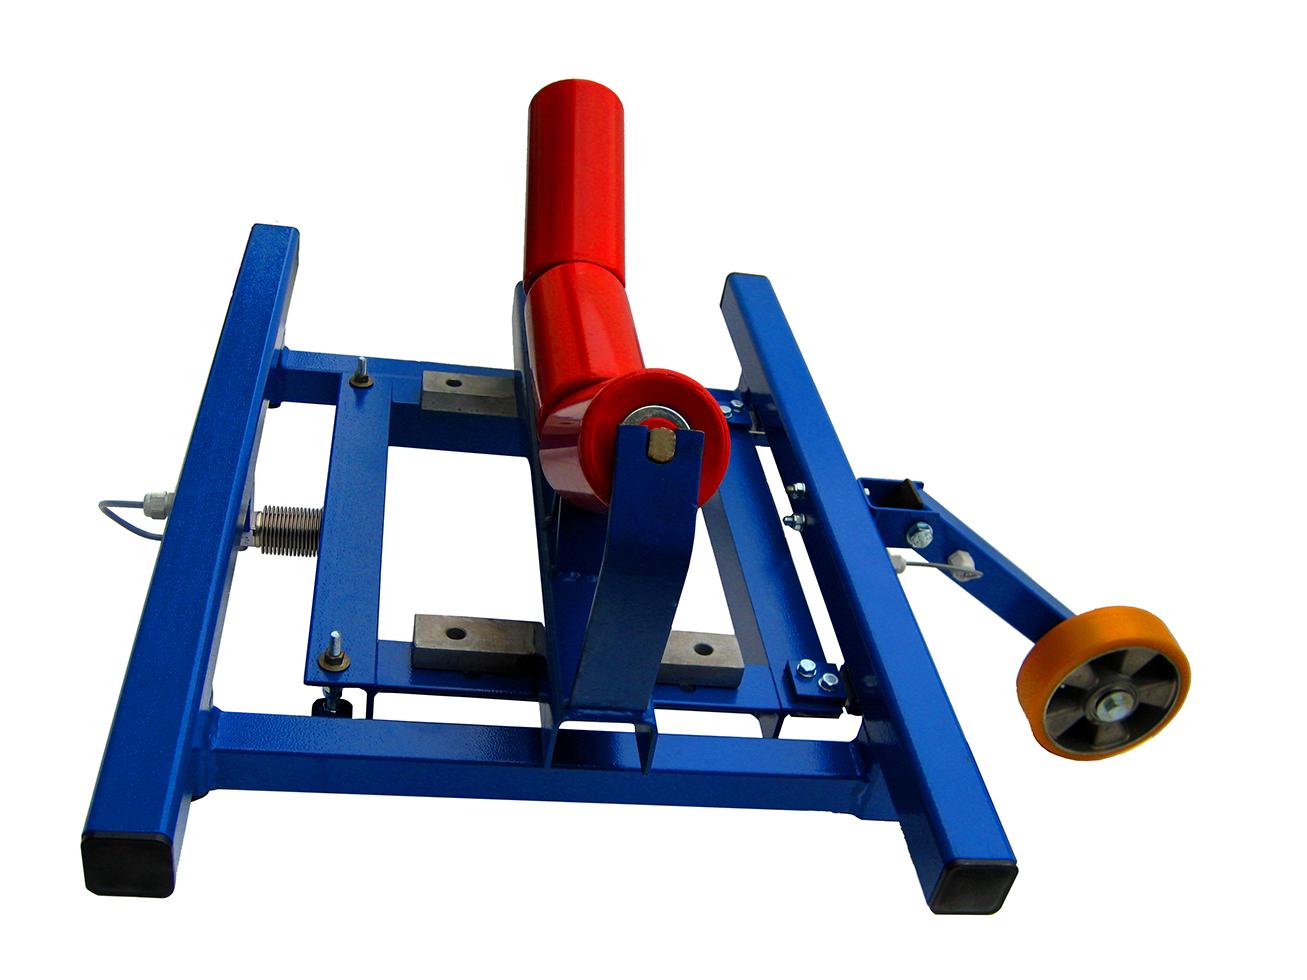 Beispiel-einer-Einbau-Bandwaage-Typ-BW10-mit-einem-Wiegerollenstuhl